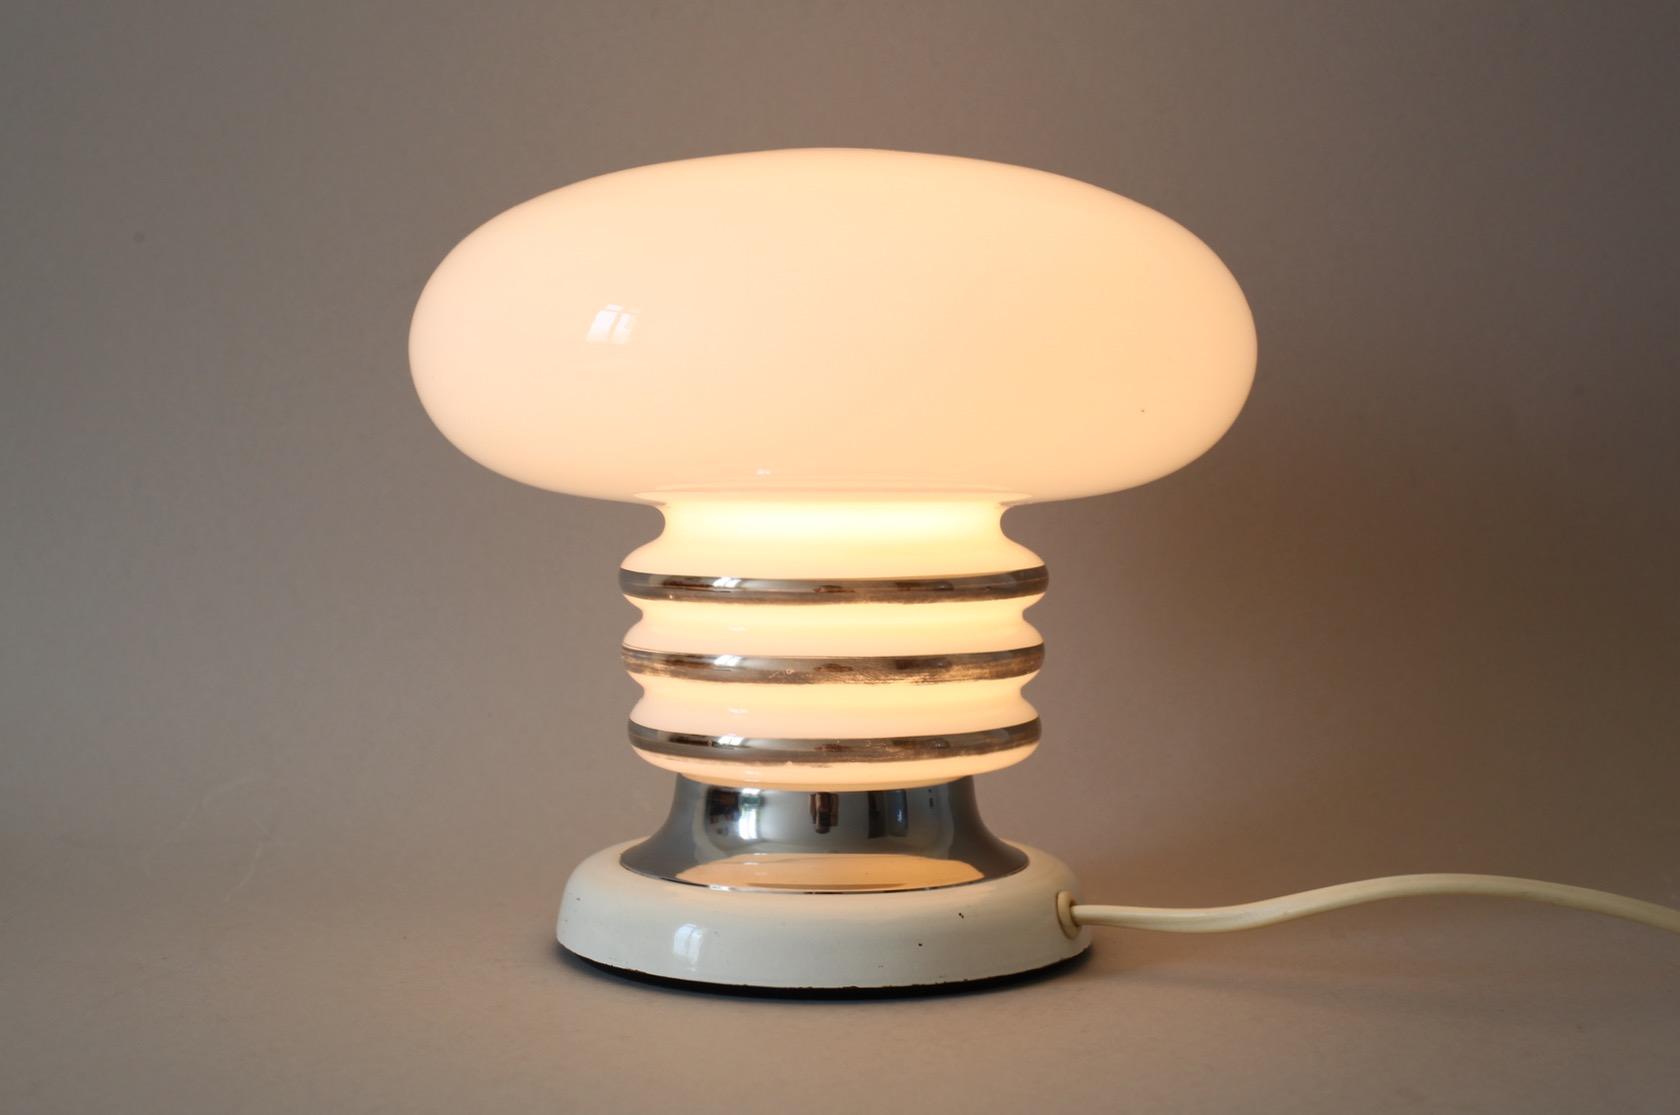 tischlampe aus den 60ern von fischer leuchten raumwunder vintage wohnen in n rnberg. Black Bedroom Furniture Sets. Home Design Ideas